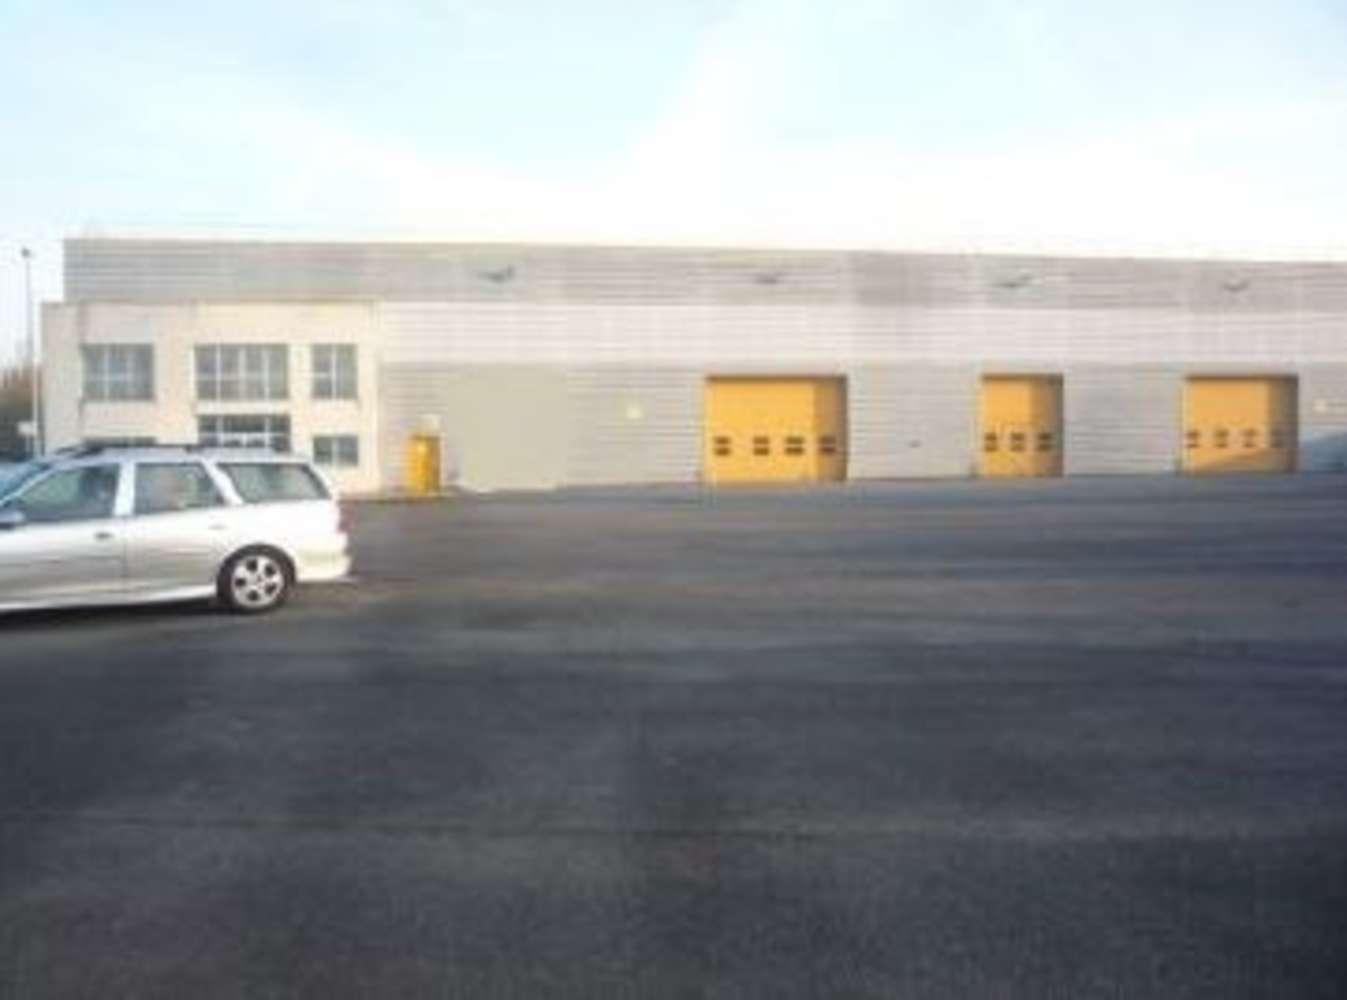 Activités/entrepôt Bailly romainvilliers, 77700 - ZAC DE BAILLY ROMAINVILLIERS - 9462041